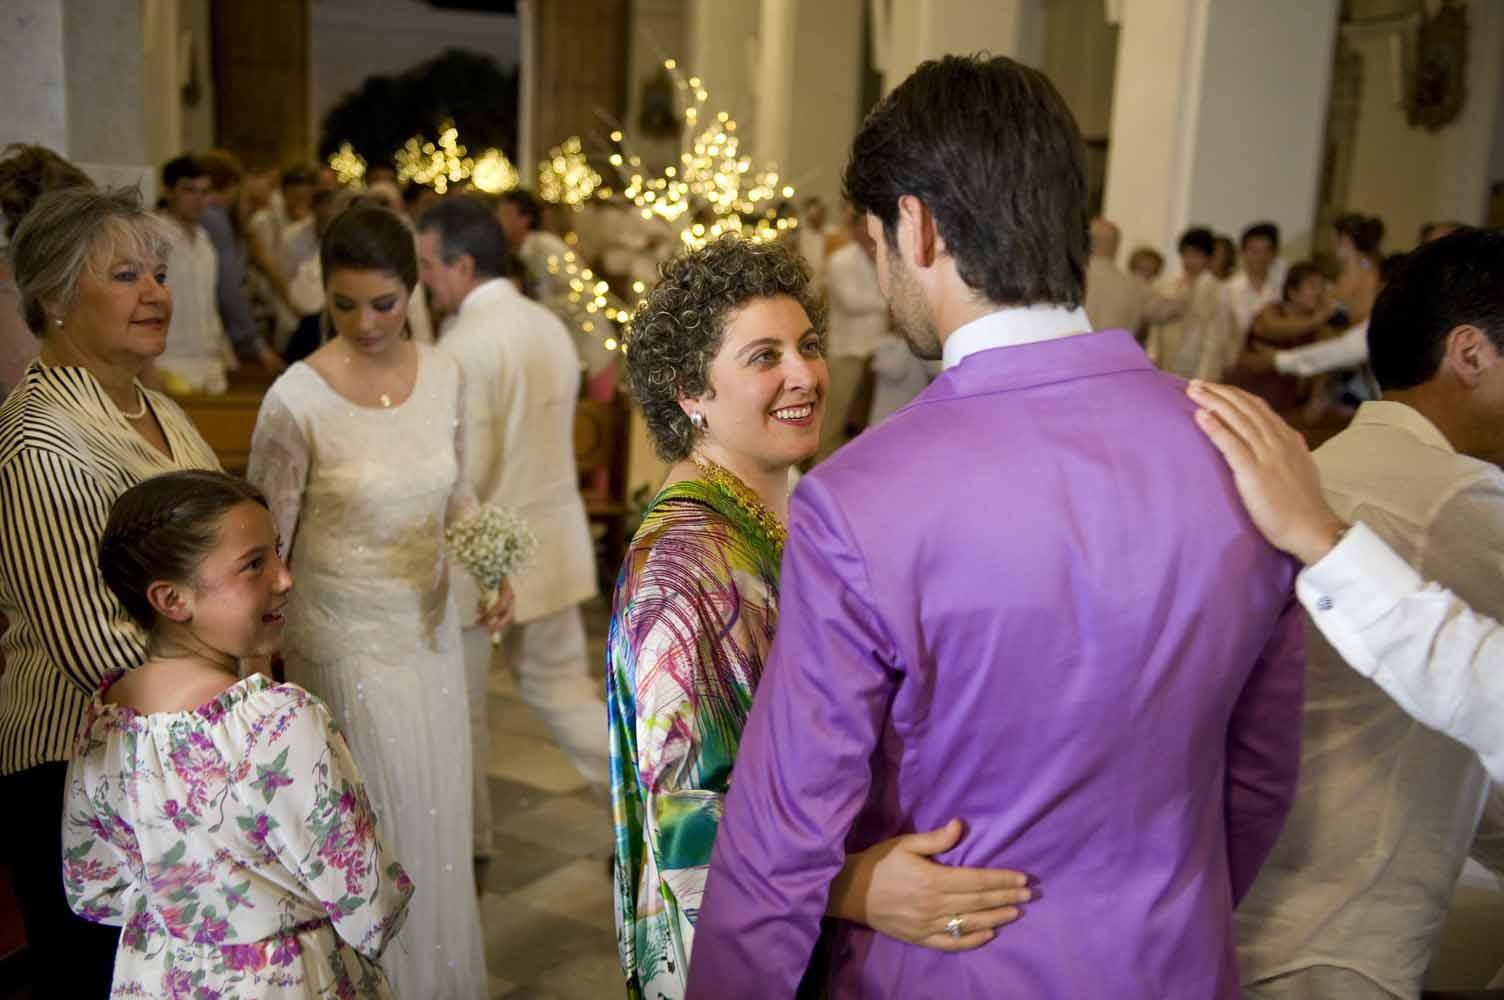 Antes de empezar la ceremonia Camilo saludó a los invitados entre los que se encontraba Ana Piñeres